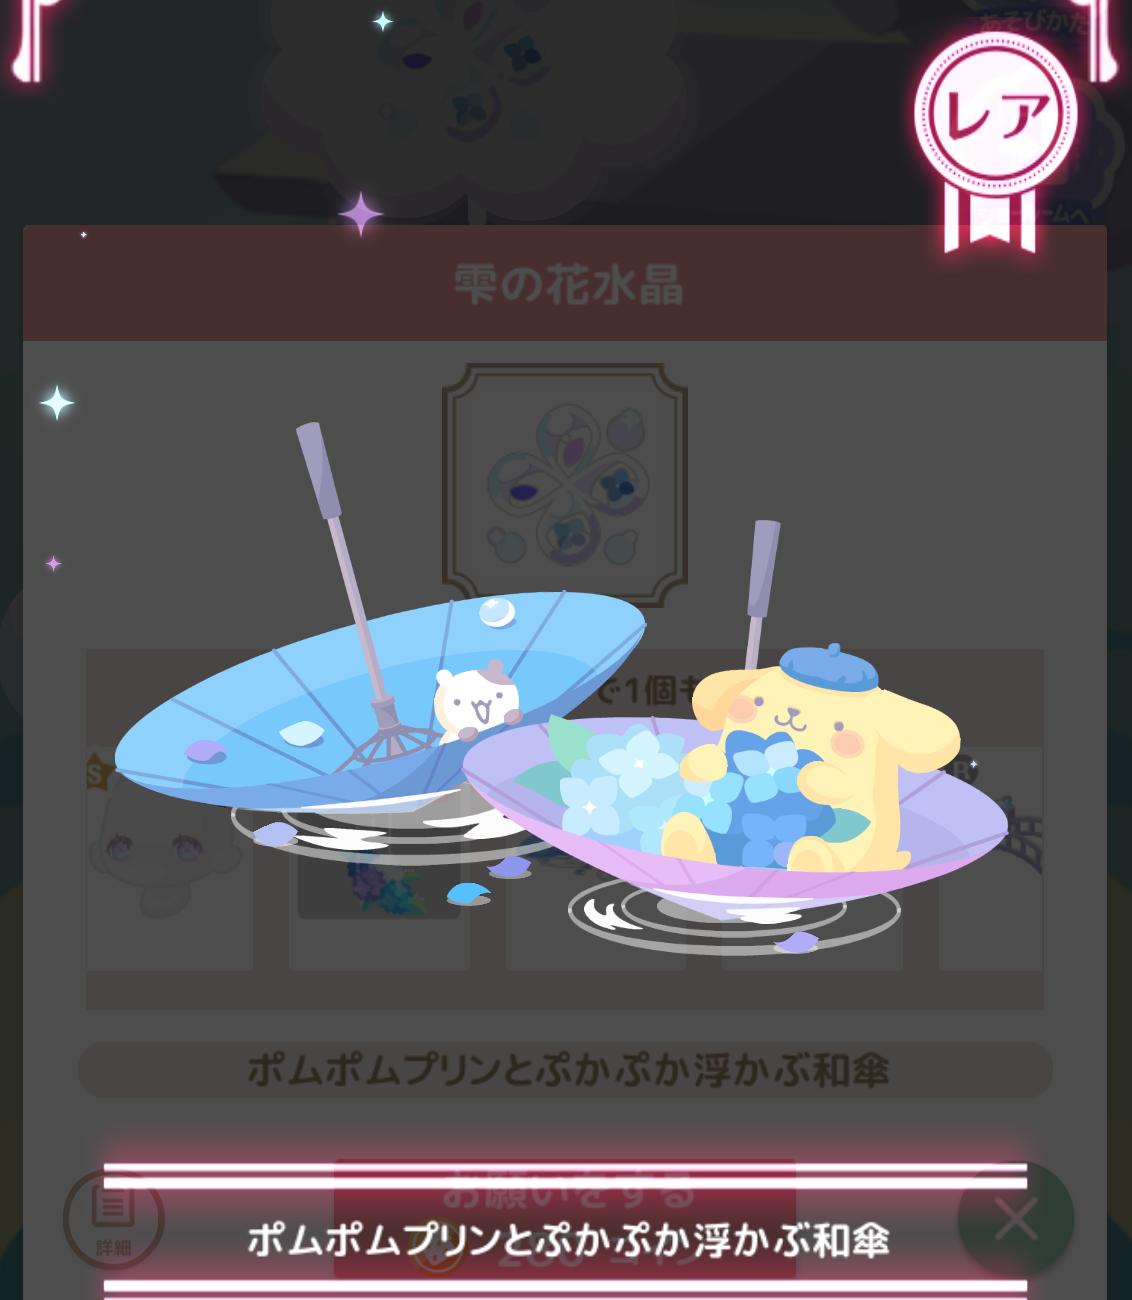 ポムポムプリンとぷかぷか浮かぶ和傘